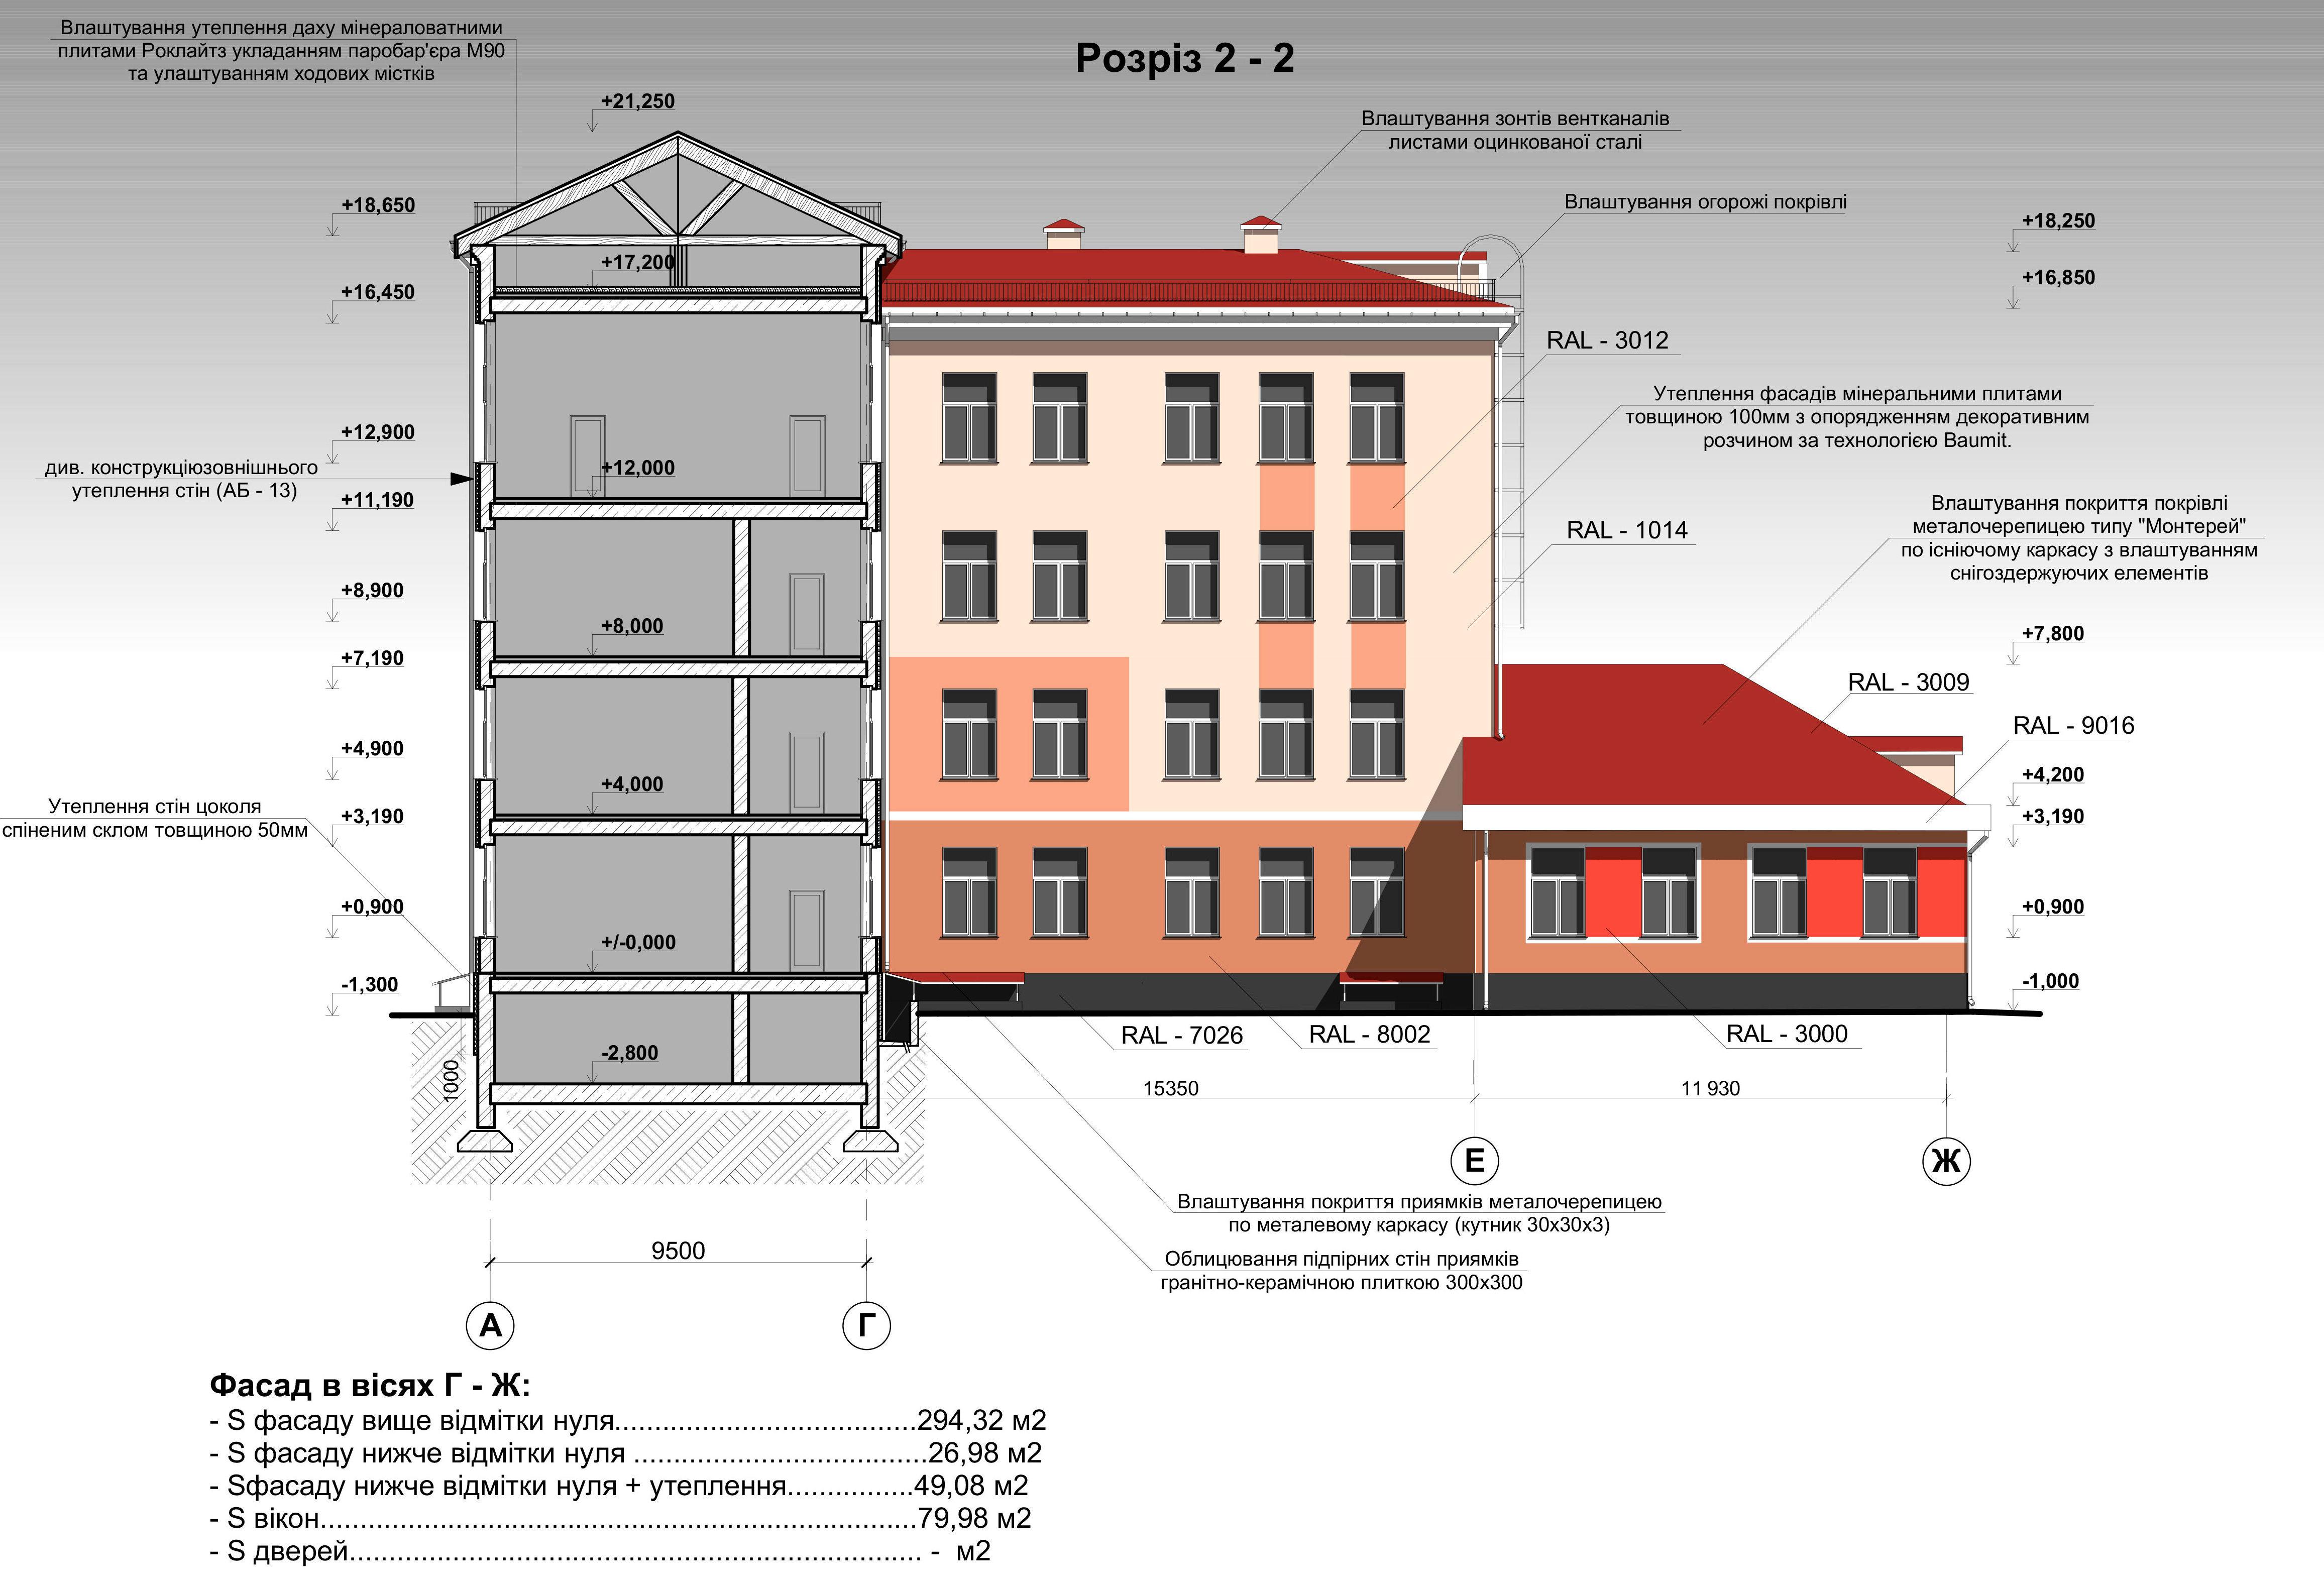 зовательная школа N 32 (г. Краматорск) - Строительная компания «Riola»